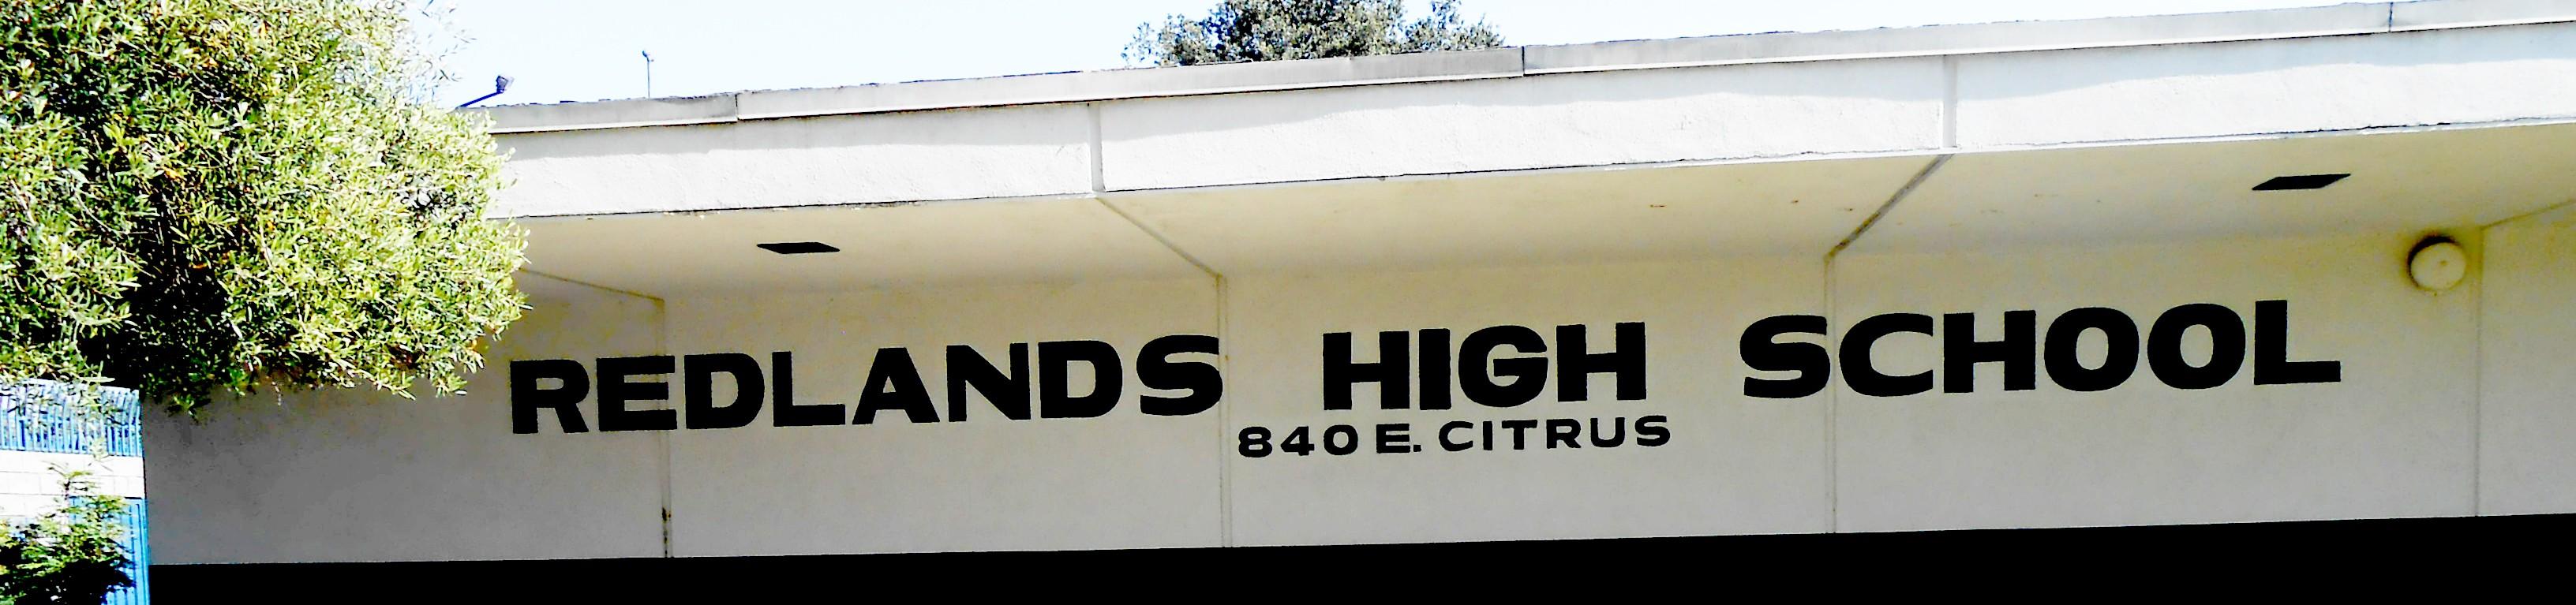 """"""" Redlands High School, Evap Condenser Retrofit"""" ccs contractors inc"""